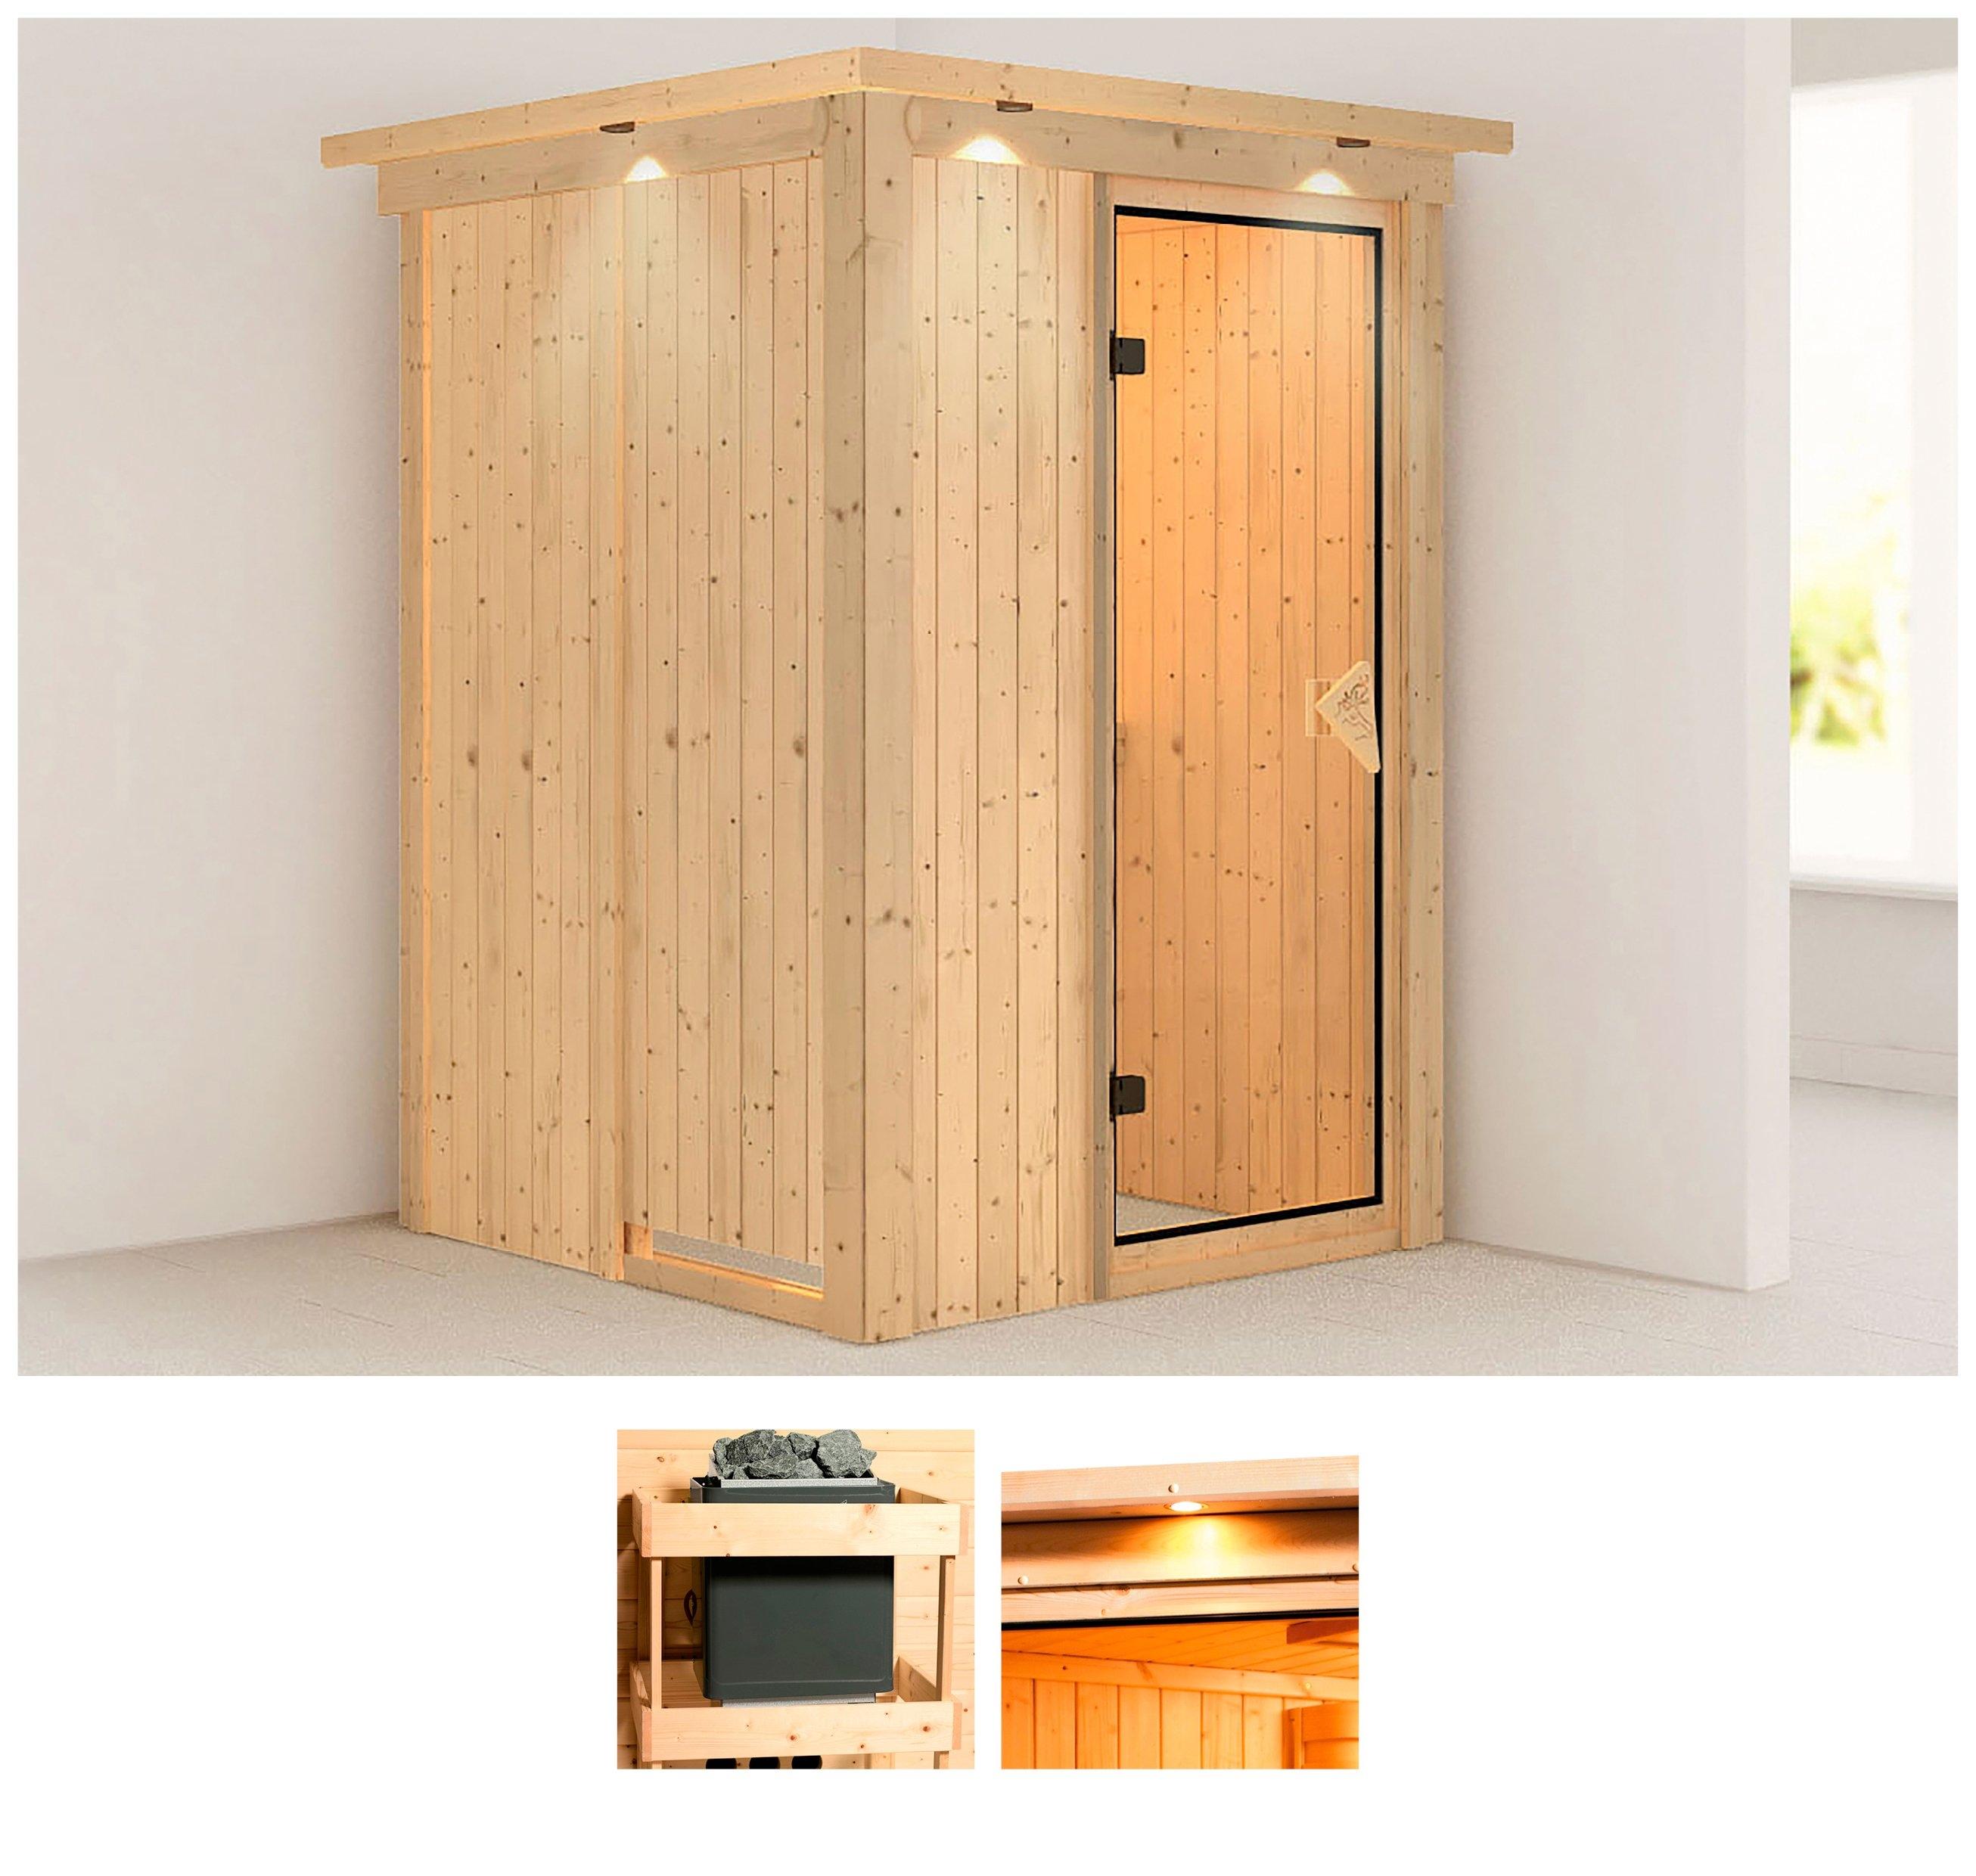 Karibu sauna »Fehmke«, 150x150x202 cm, ohne Ofen in de webshop van OTTO kopen